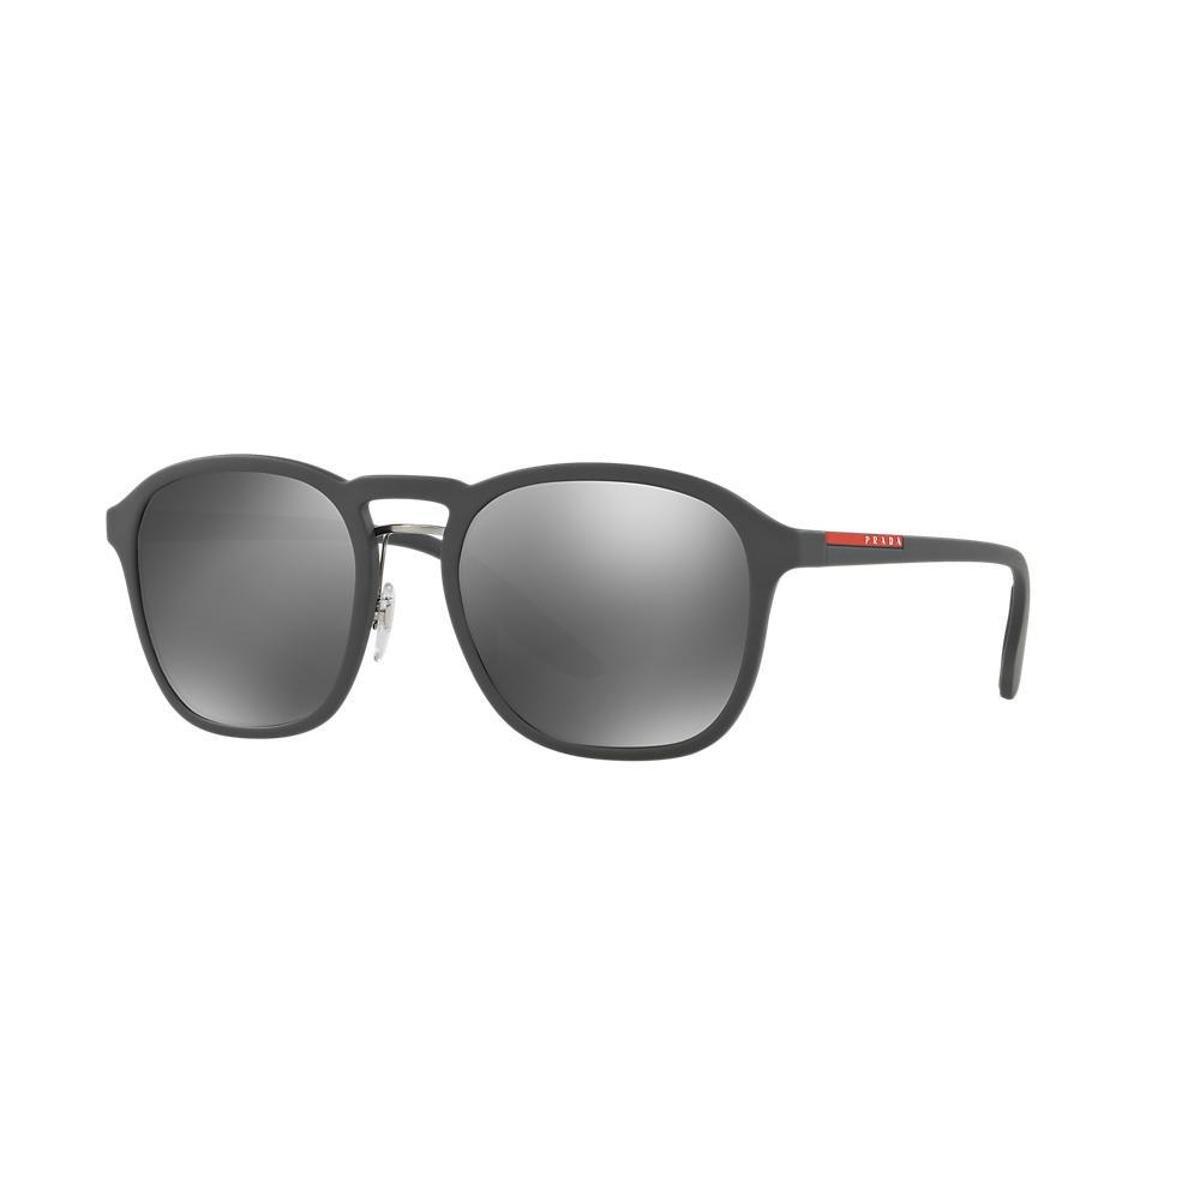 cf941daeb738d Óculos de Sol Prada Linea Rossa Redondo PS 02SS Masculina - Preto e ...